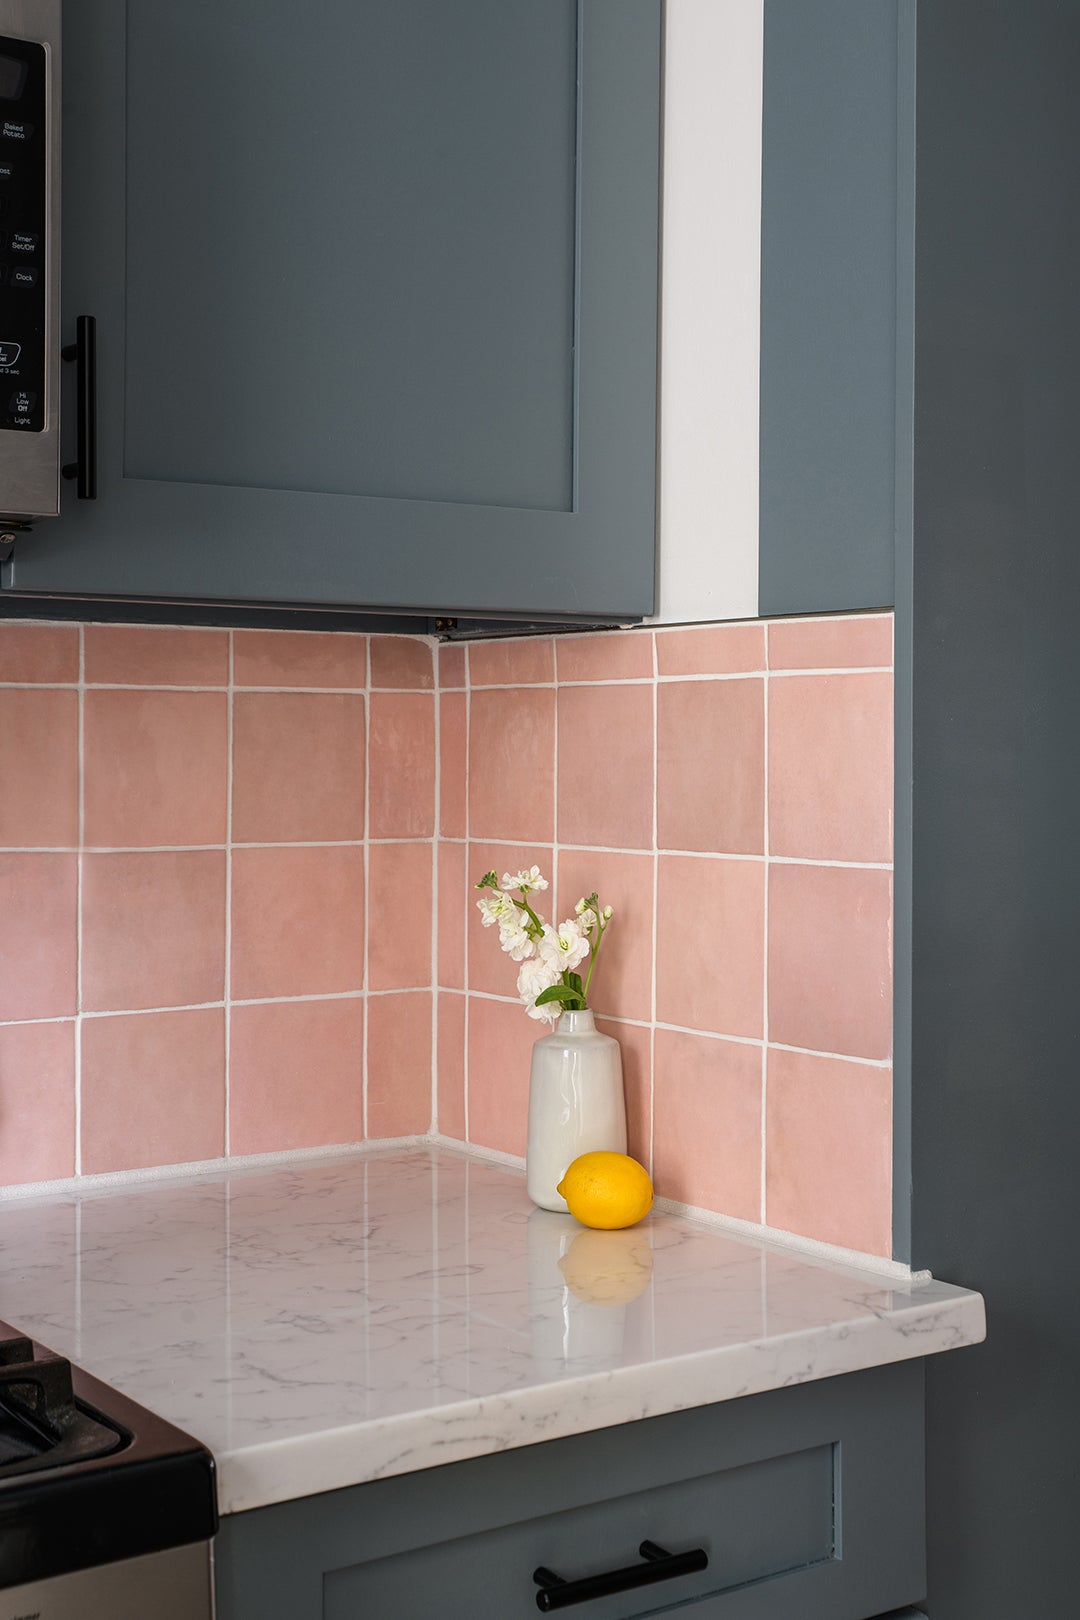 pink square backsplash tiles